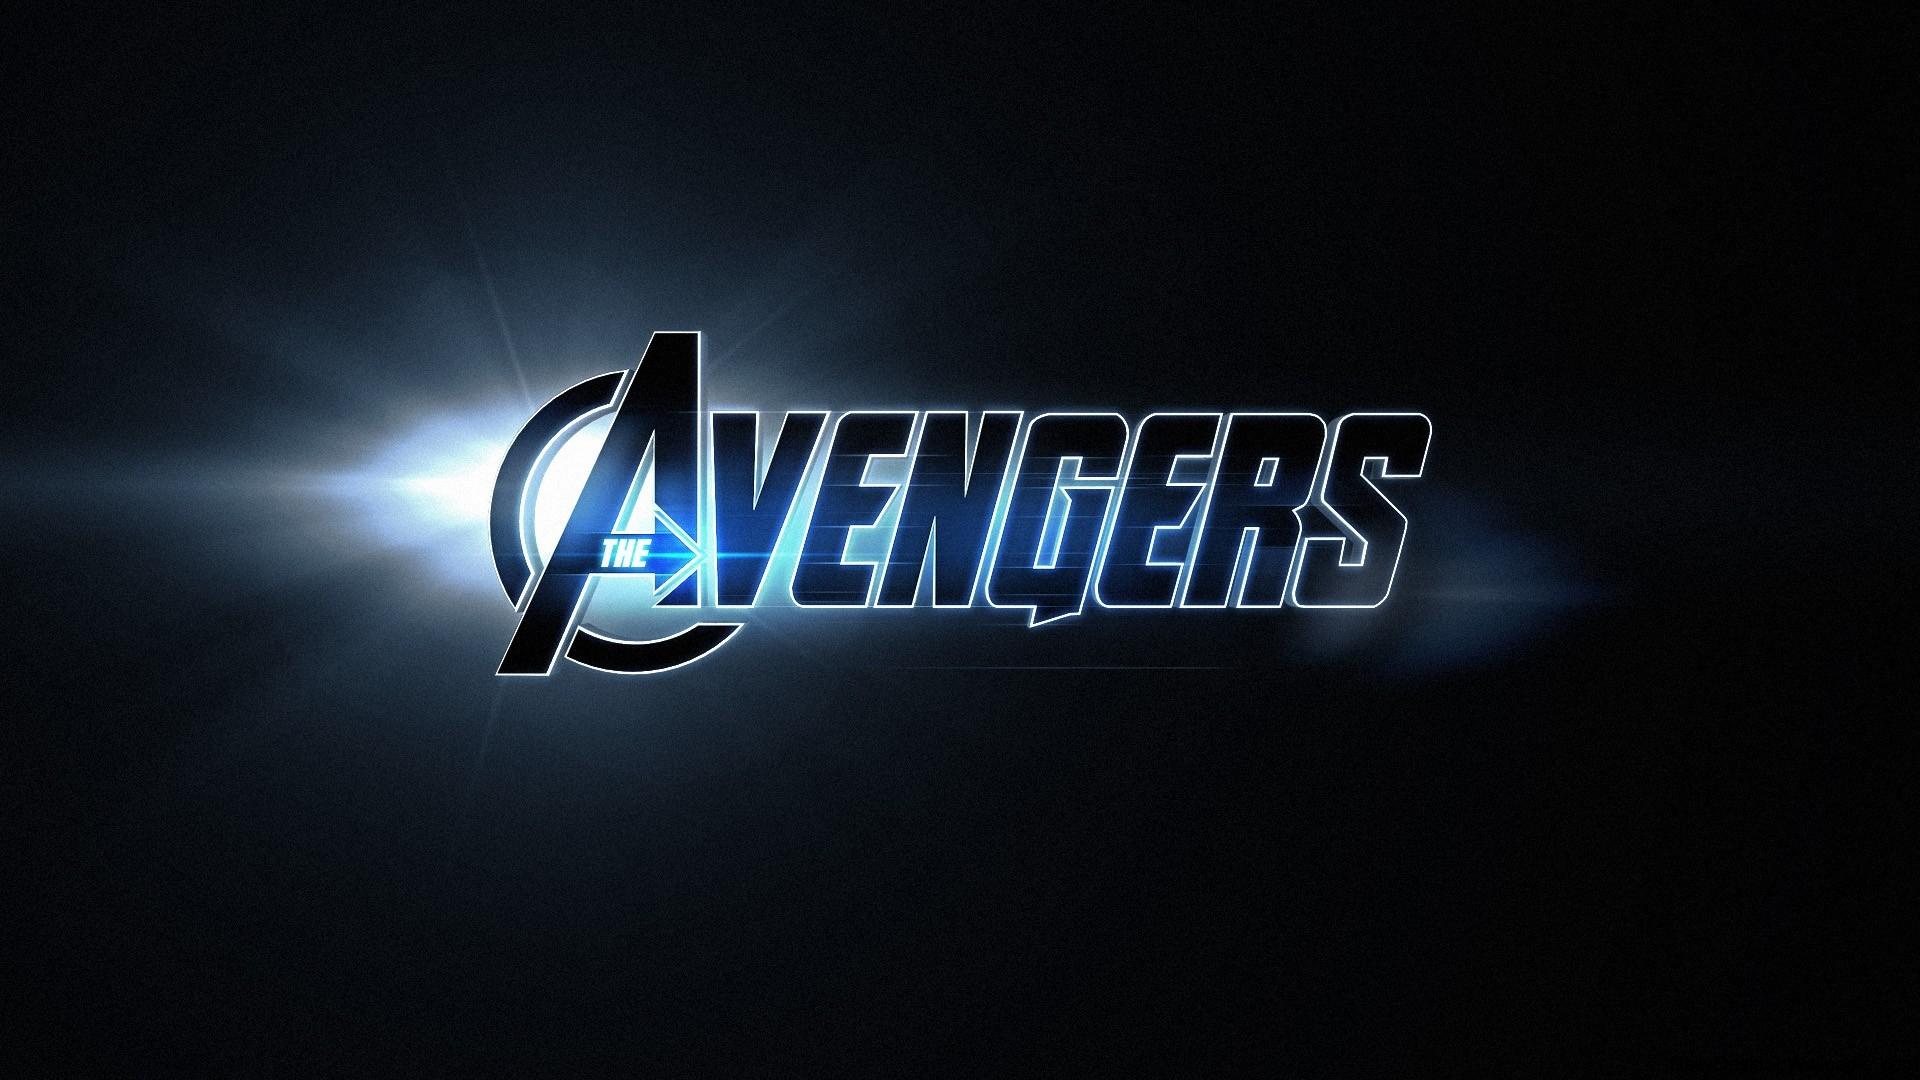 Avengers Black